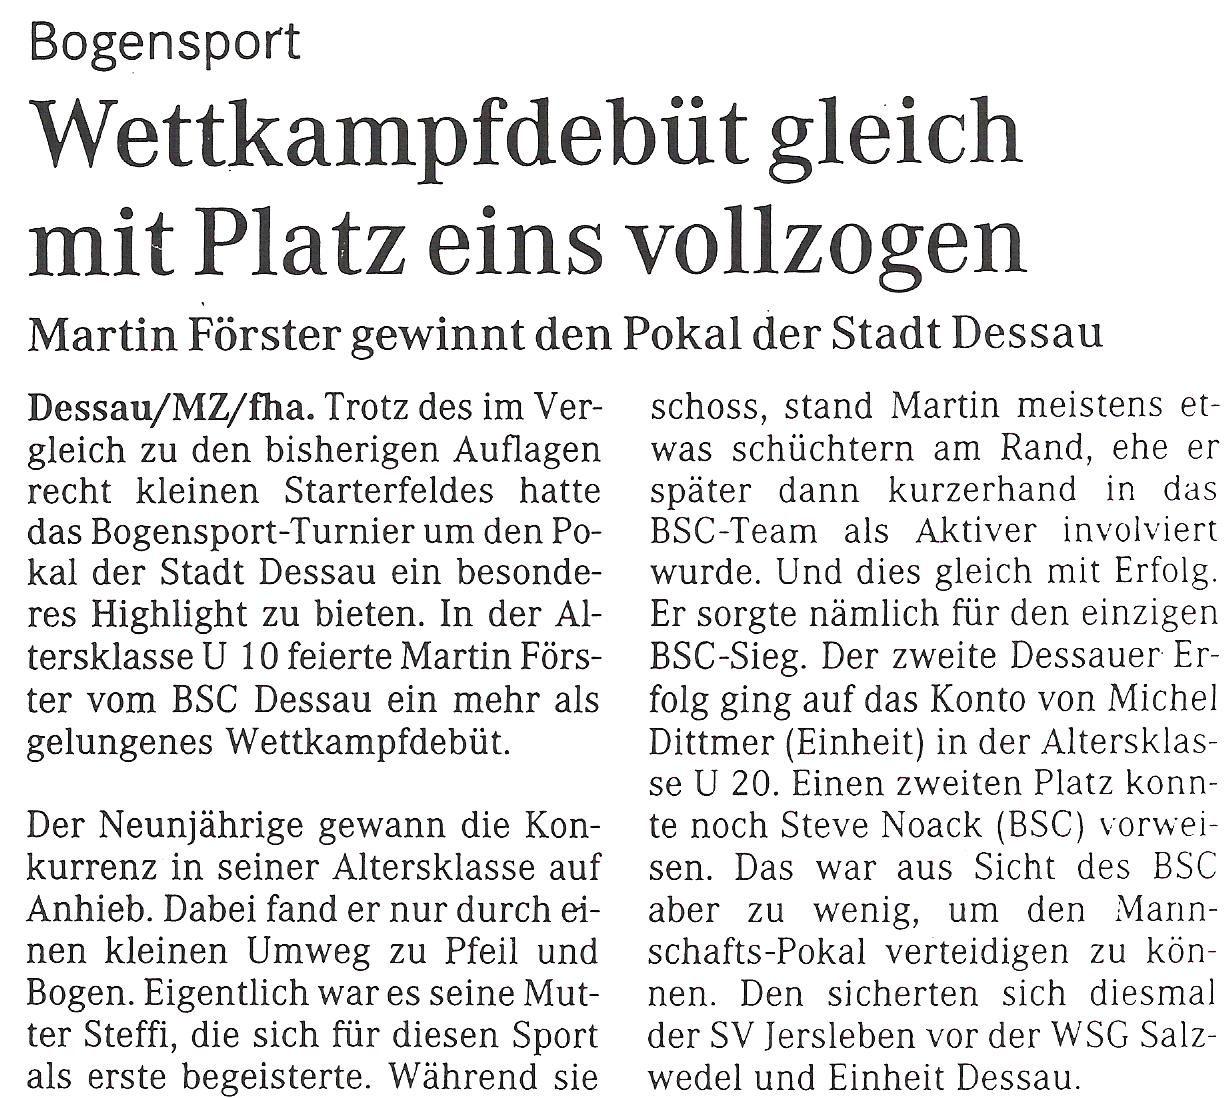 Pokal der Stadt Dessau 2003 – Mitteldeutsche Zeitung (Juni 2013)